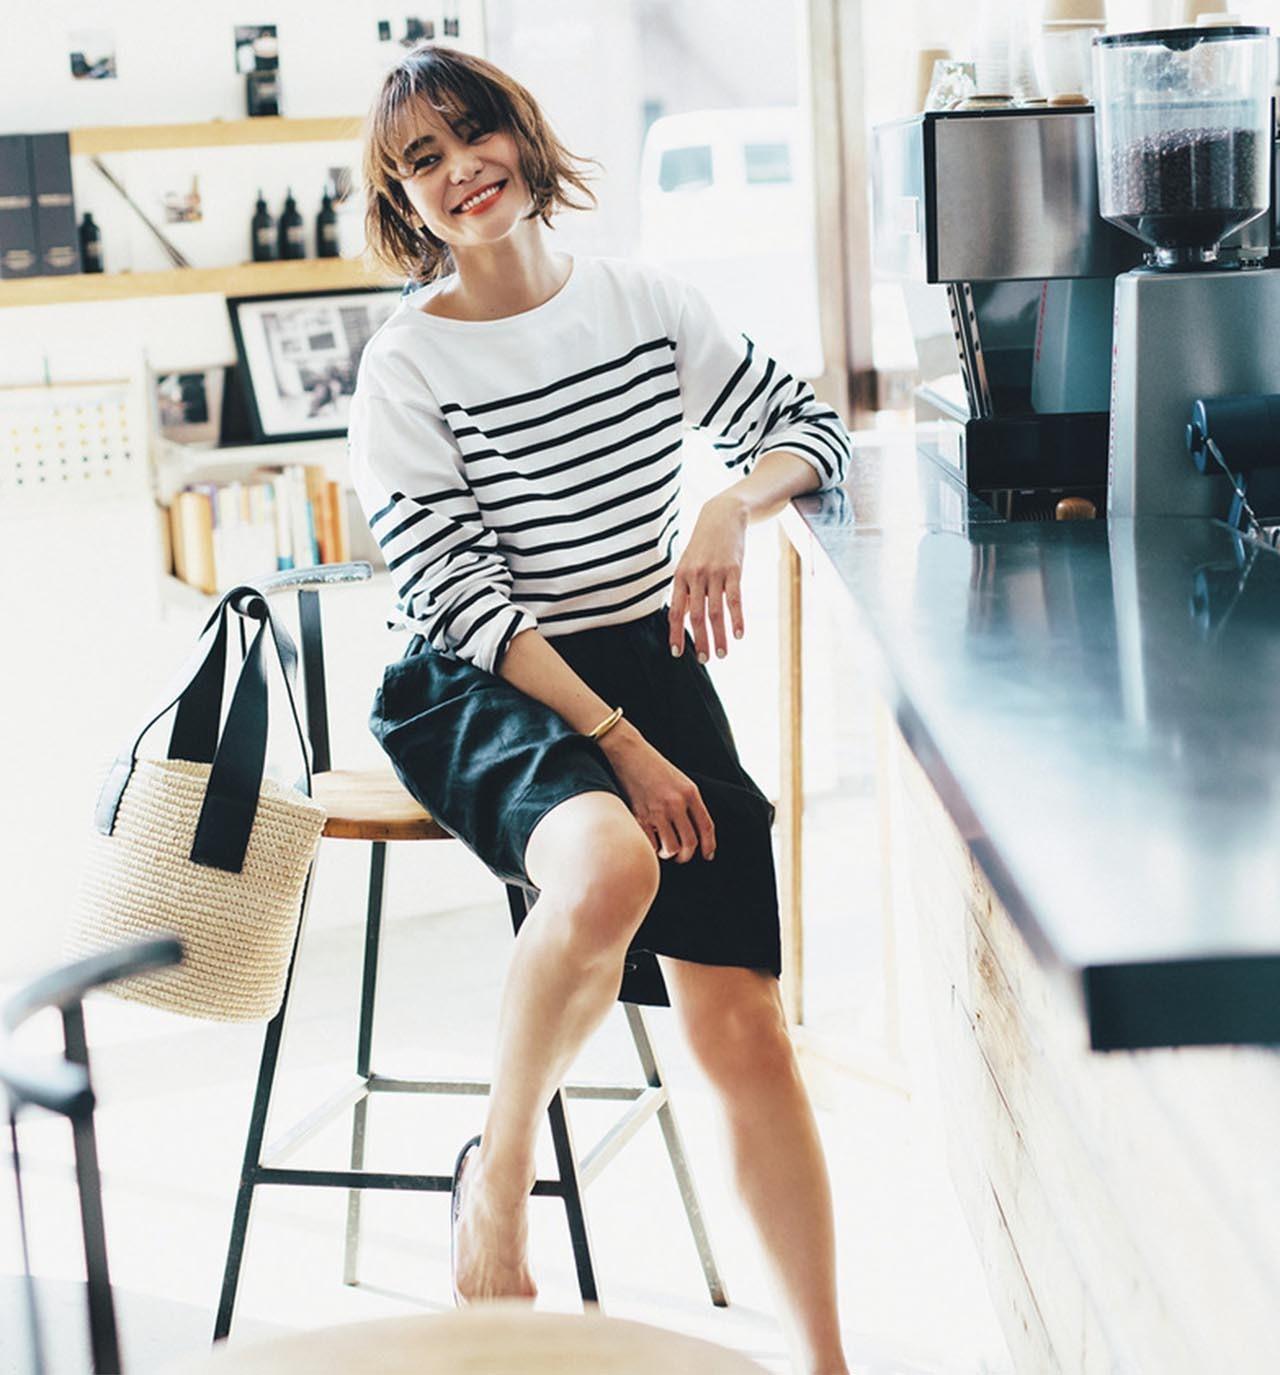 白黒のボーダーカットソー×黒のショートパンツコーデを着たモデルの竹下玲奈さん